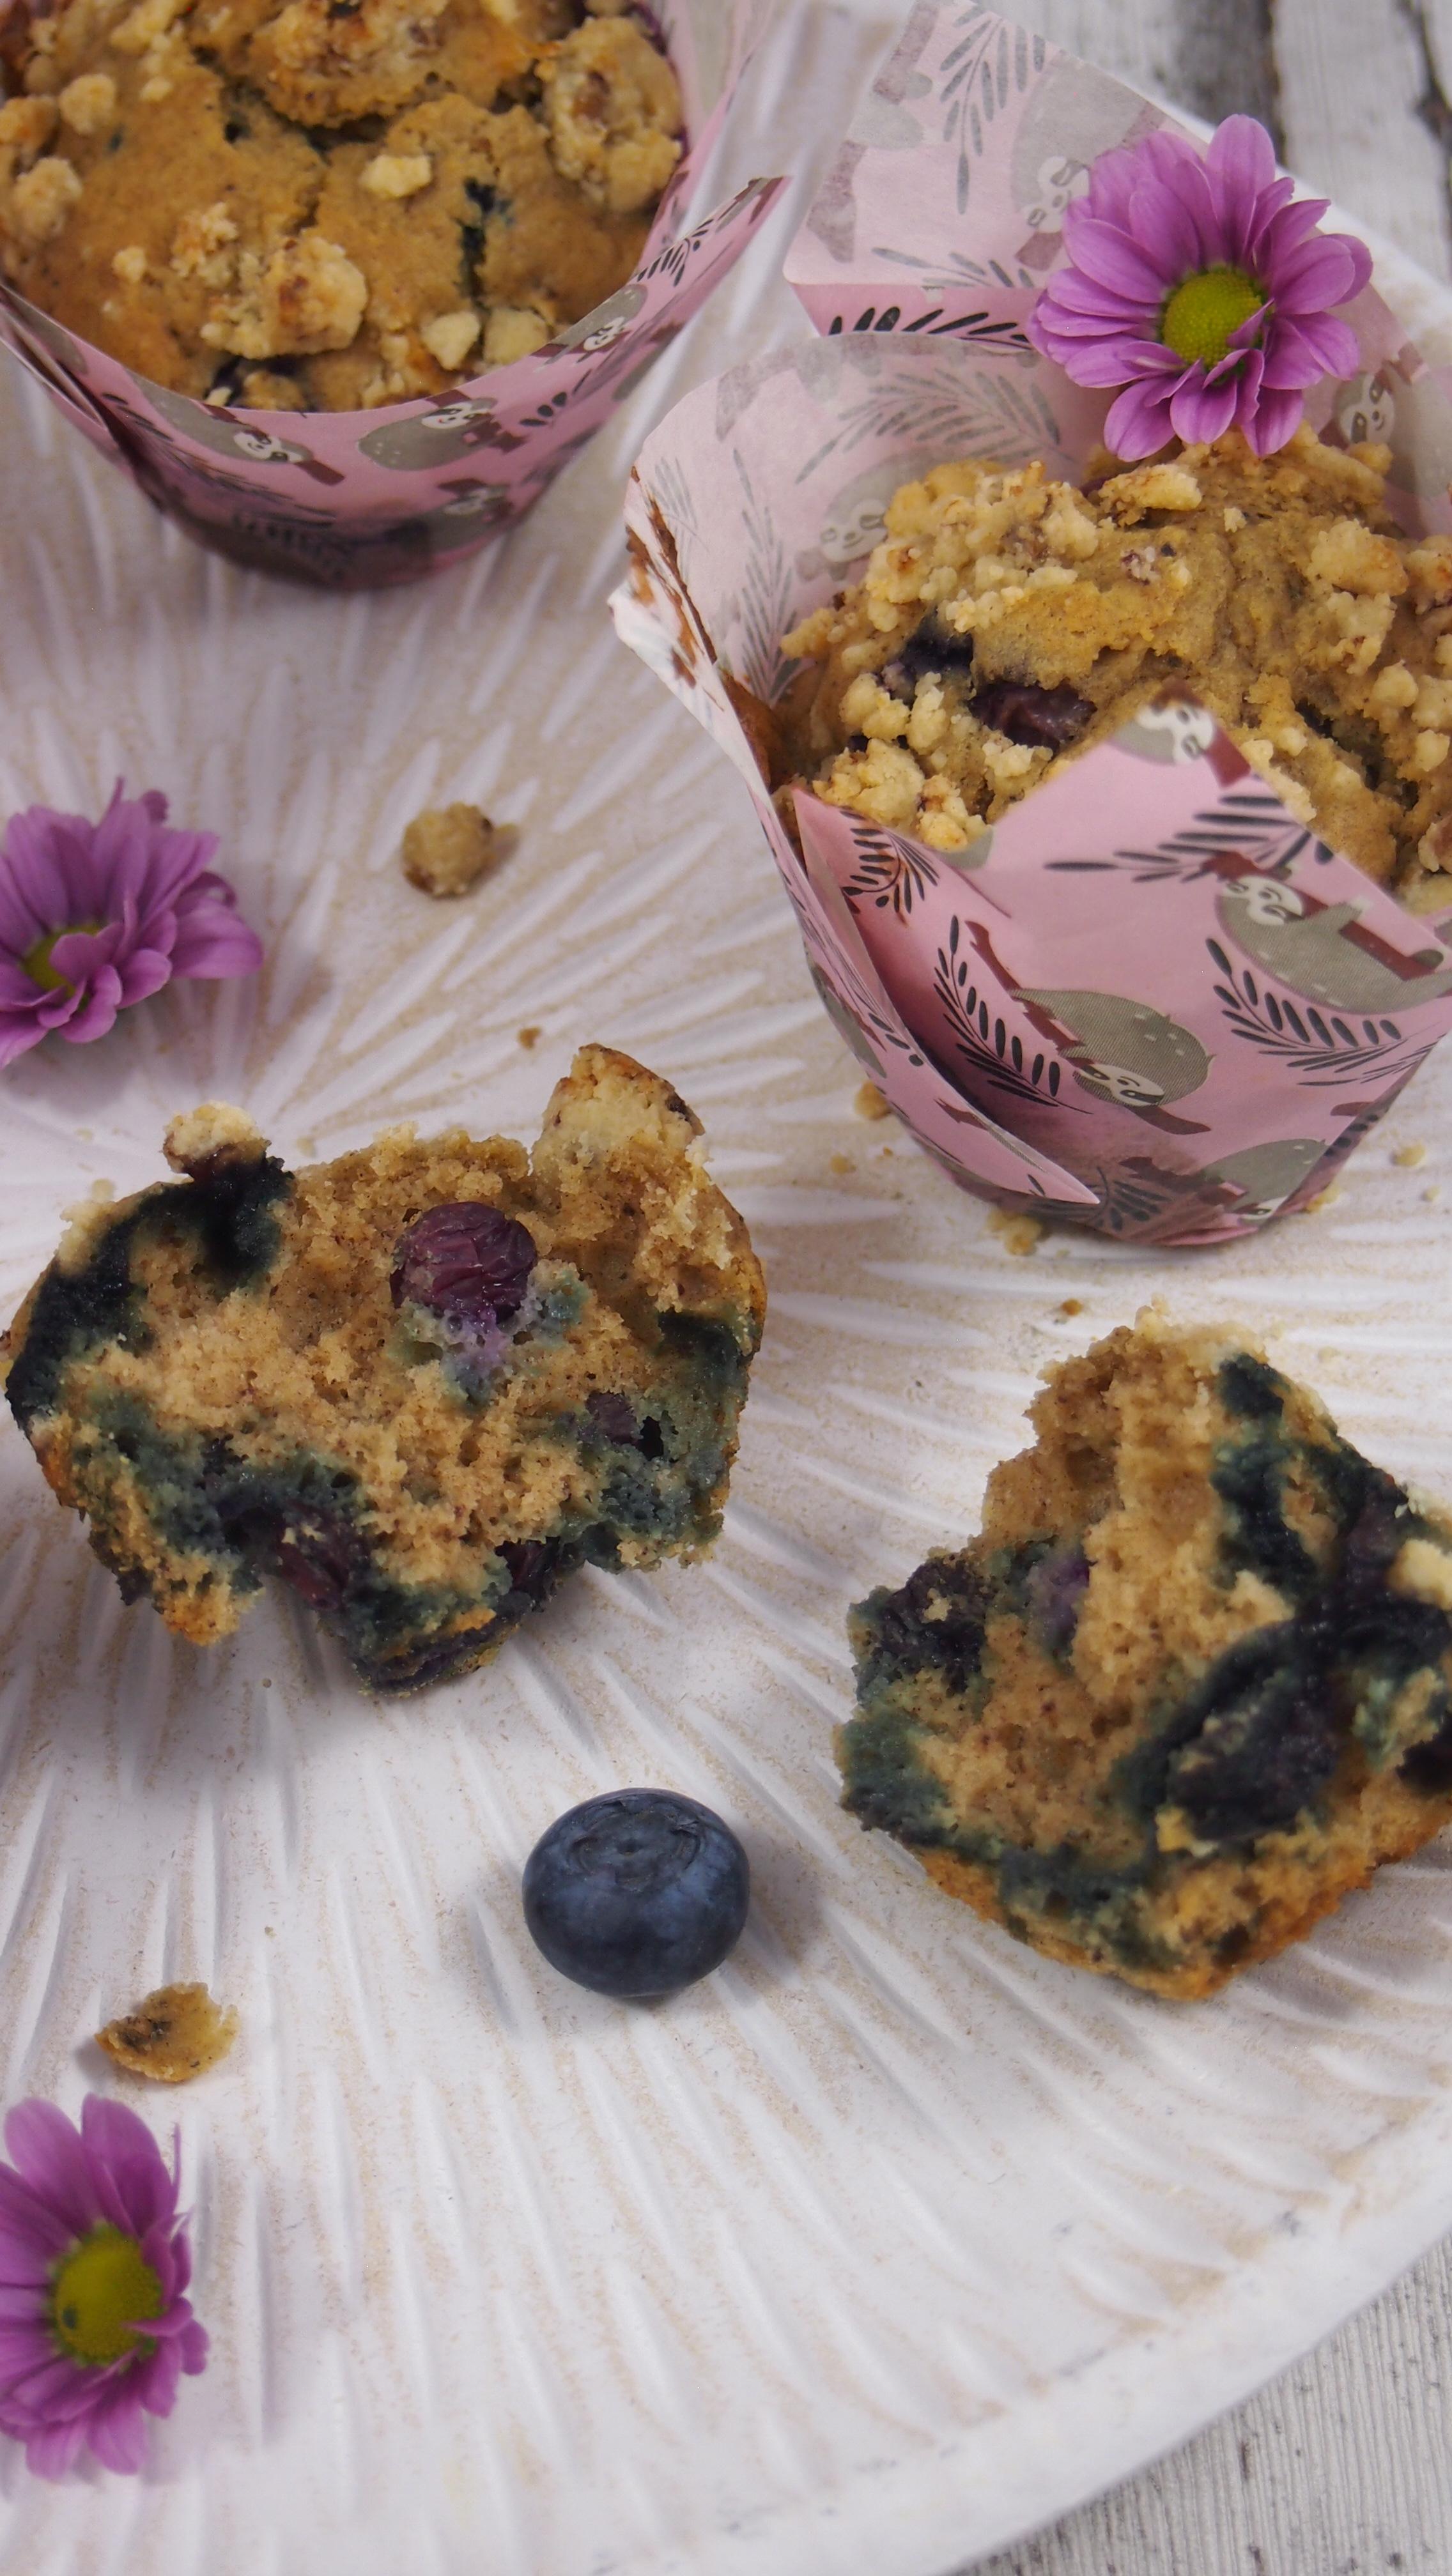 Gesunde Blaubeermuffins mit Streuseln ohne raffinierten Zucker